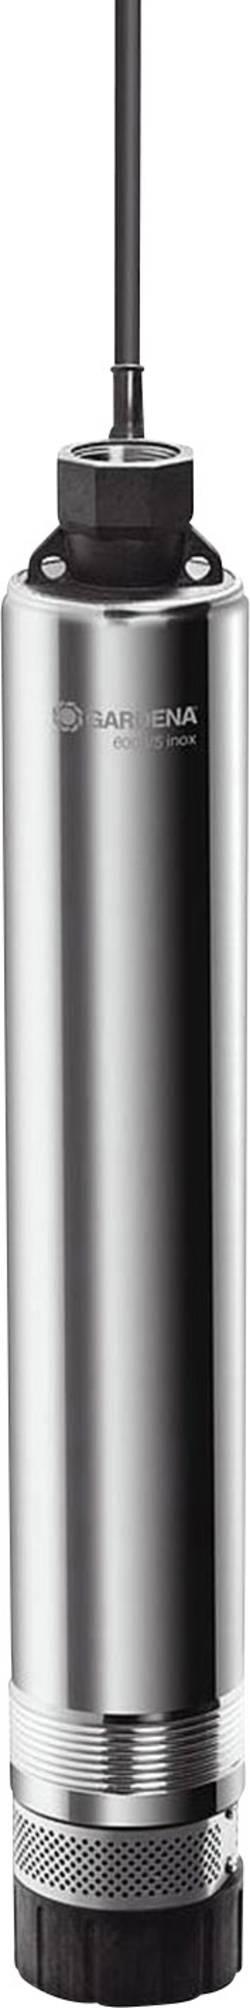 Ponorné hlubinné čerpadlo 6000/5 inox Gardena, 01492-20, 950 W